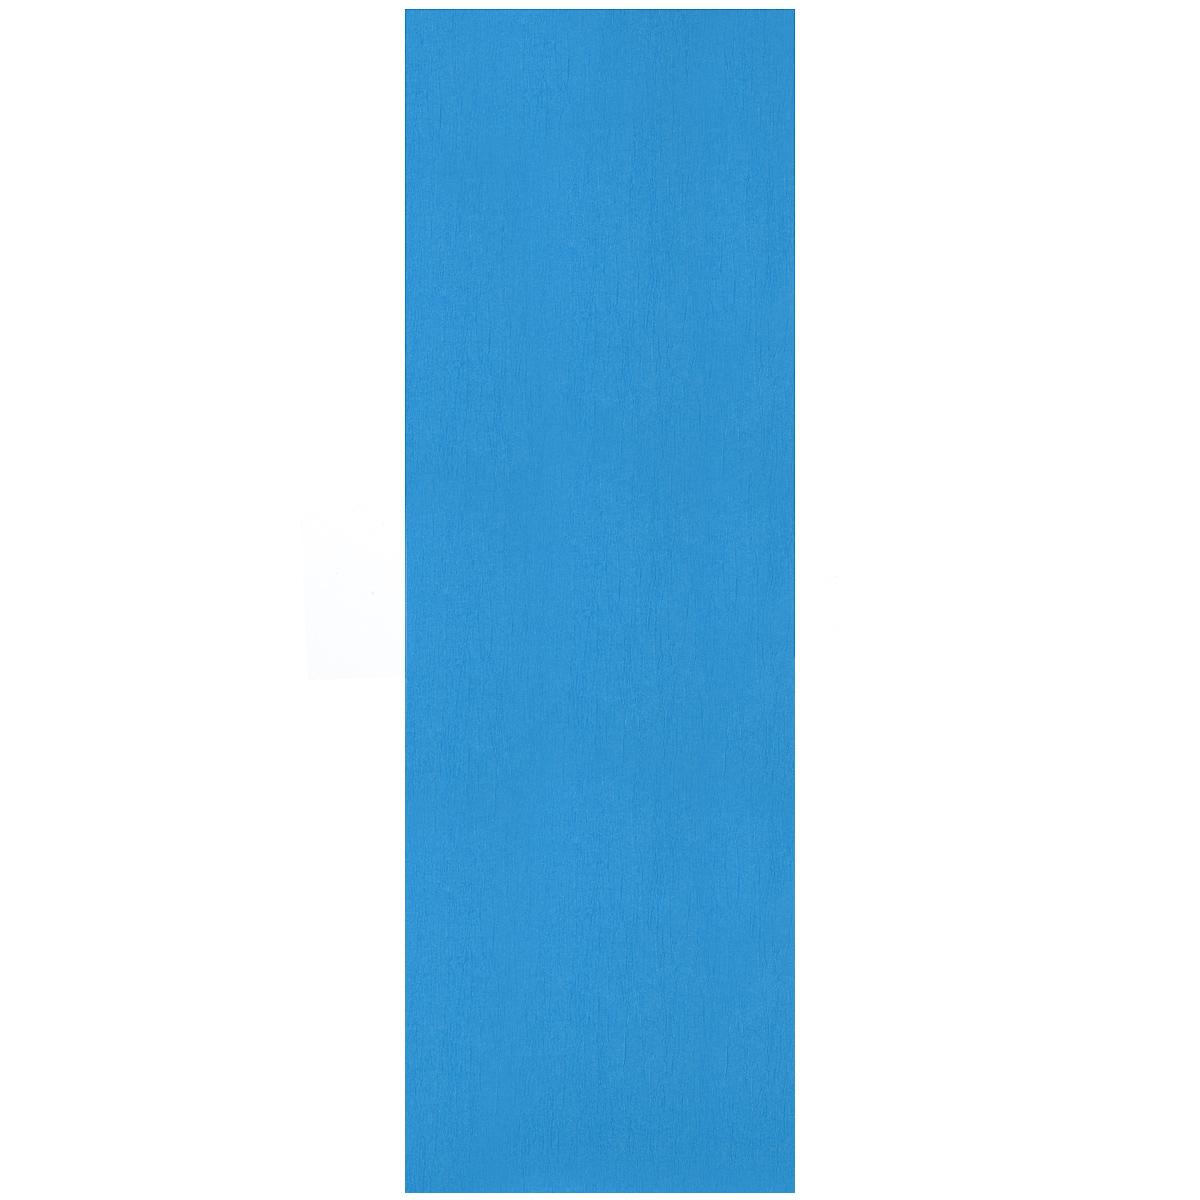 Бумага крепированная Проф-Пресс, флюоресцентная, цвет: голубой, 50 х 250 смБ-2310Крепированная флюоресцентная бумага Проф-Пресс - отличный вариант для воплощения творческих идей не только детей, но и взрослых. Она отлично подойдет для упаковки хрупких изделий, при оформлении букетов, создании сложных цветовых композиций, для декорирования и других оформительских работ. Бумага обладает повышенной прочностью и жесткостью, хорошо растягивается, имеет жатую поверхность.Кроме того, флюоресцентная бумага Проф-Пресс поможет увлечь ребенка, развивая интерес к художественному творчеству, эстетический вкус и восприятие, увеличивая желание делать подарки своими руками, воспитывая самостоятельность и аккуратность в работе. Такая бумага поможет вашему ребенку раскрыть свои таланты.